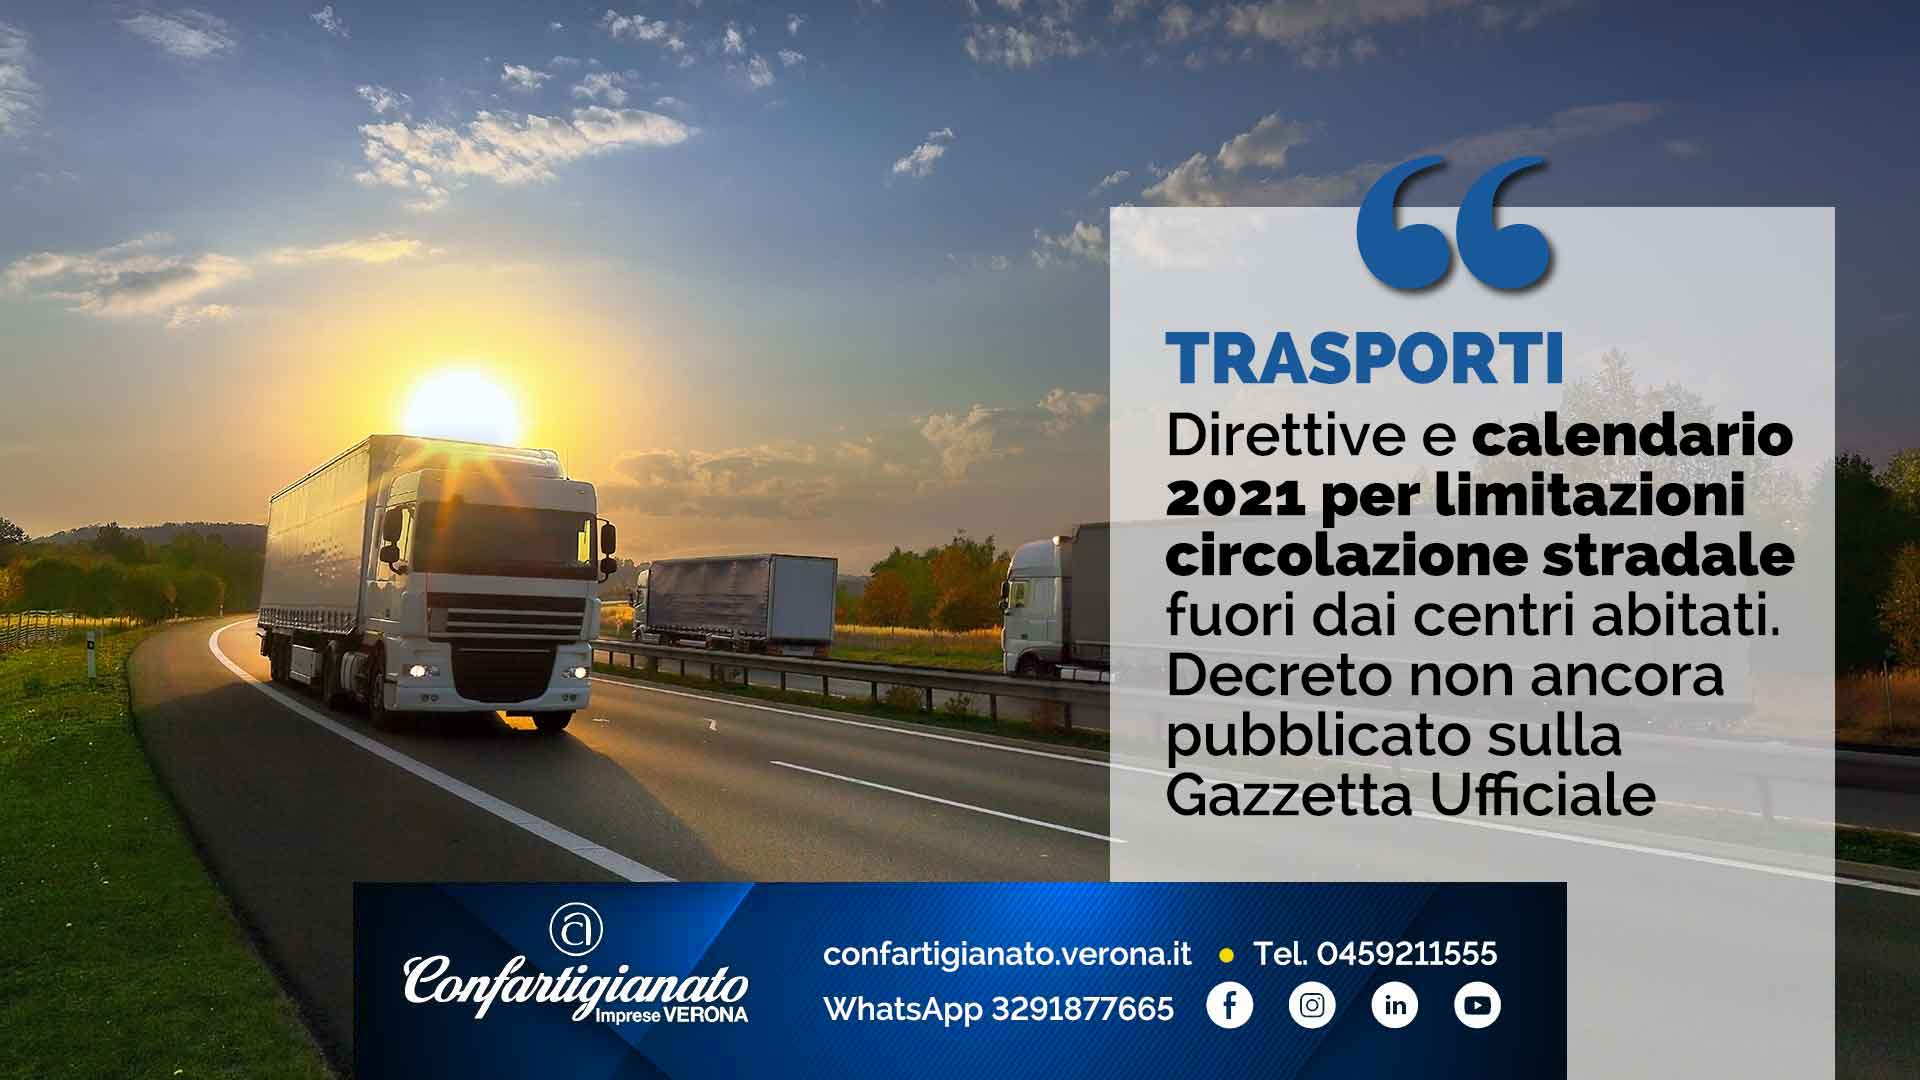 Calendario Divieti Di Circolazione 2021 TRASPORTI – Direttive e calendario 2021 per limitazioni